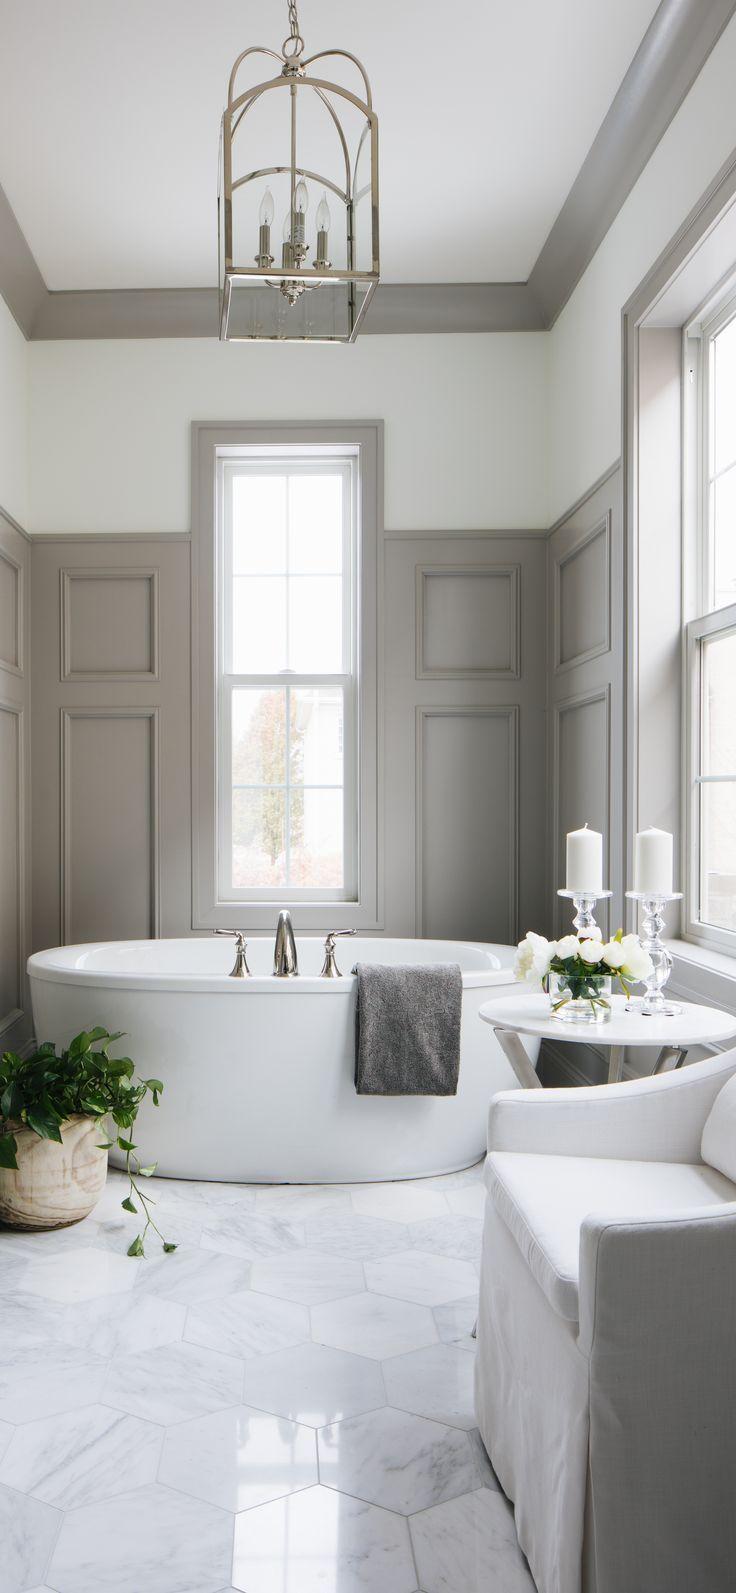 Julie Howard Interiors Top Interior Designer S Portfolios In 2020 Bathroom Interior Design Classic Bathroom Bathroom Interior